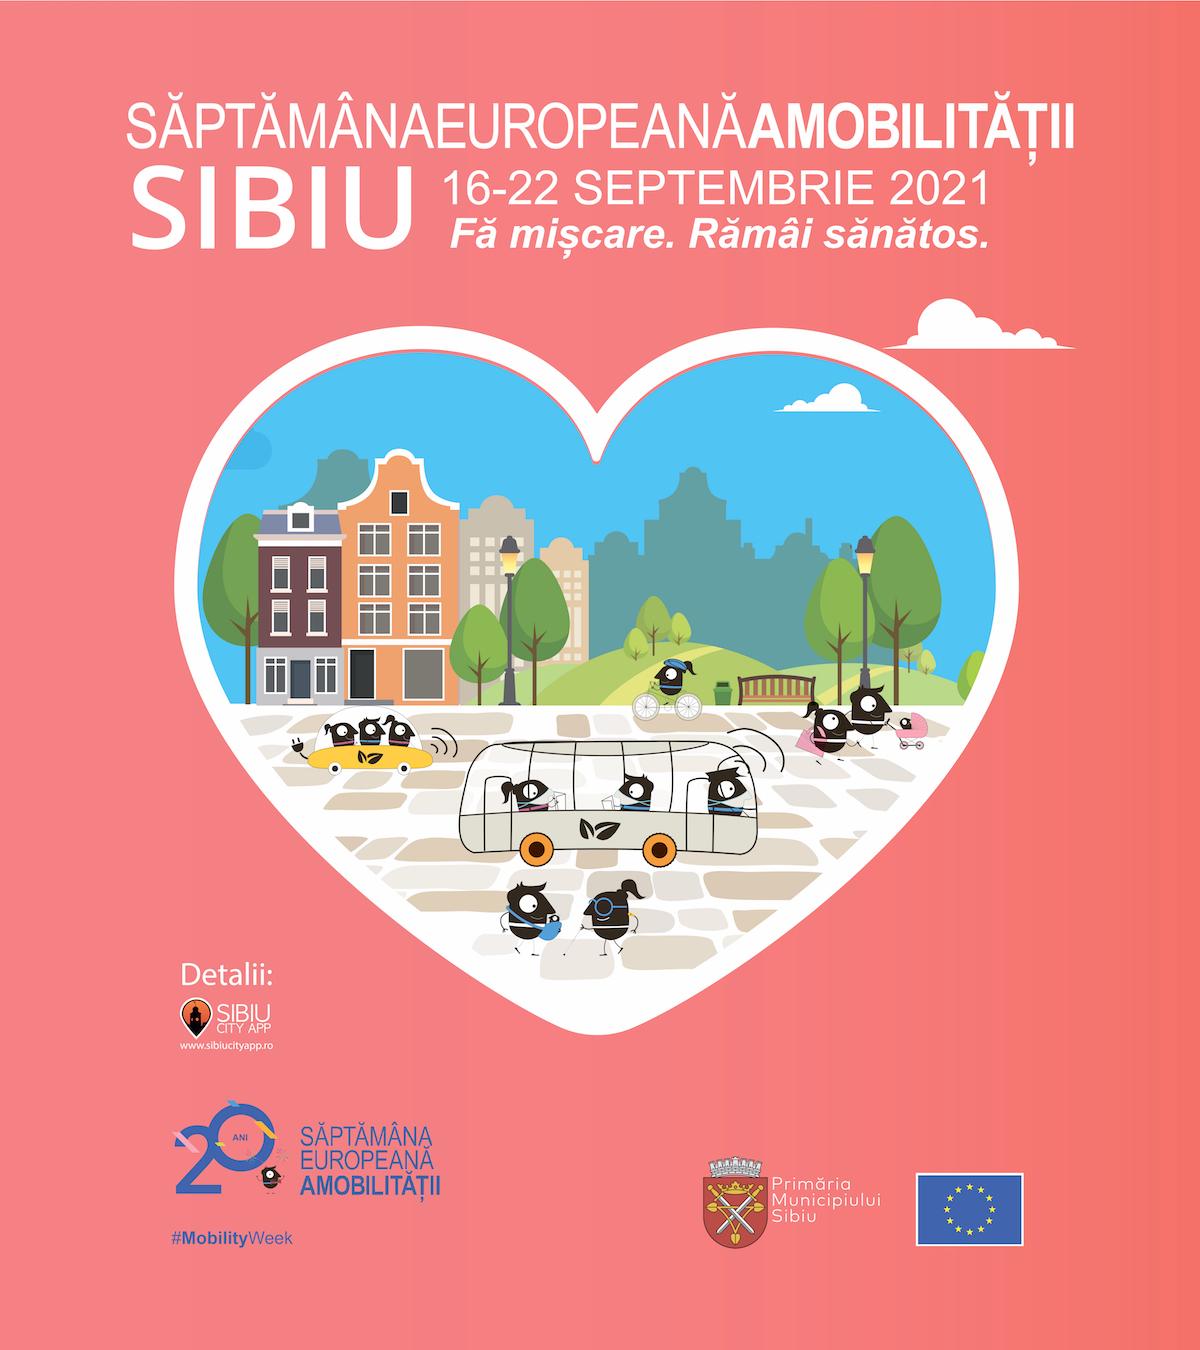 Săptămâna Europeană a Mobilității în Sibiu:  Programul detaliat al activităților